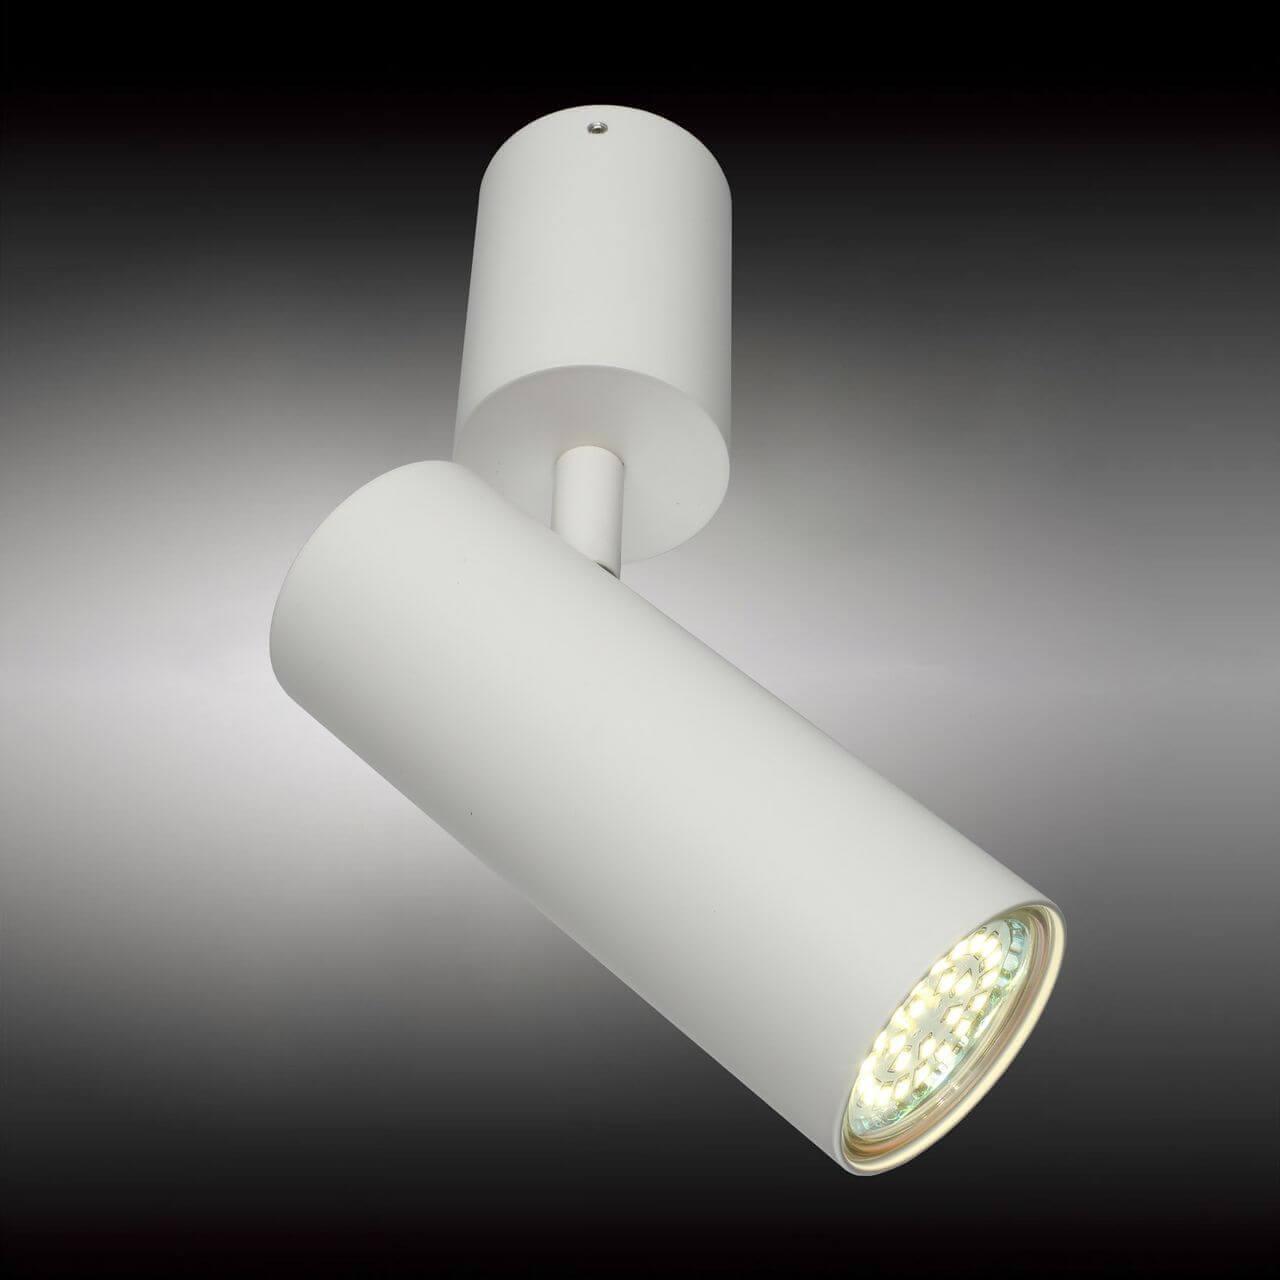 Спот Omnilux OML-20401-01, LED, 4.5 Вт цена